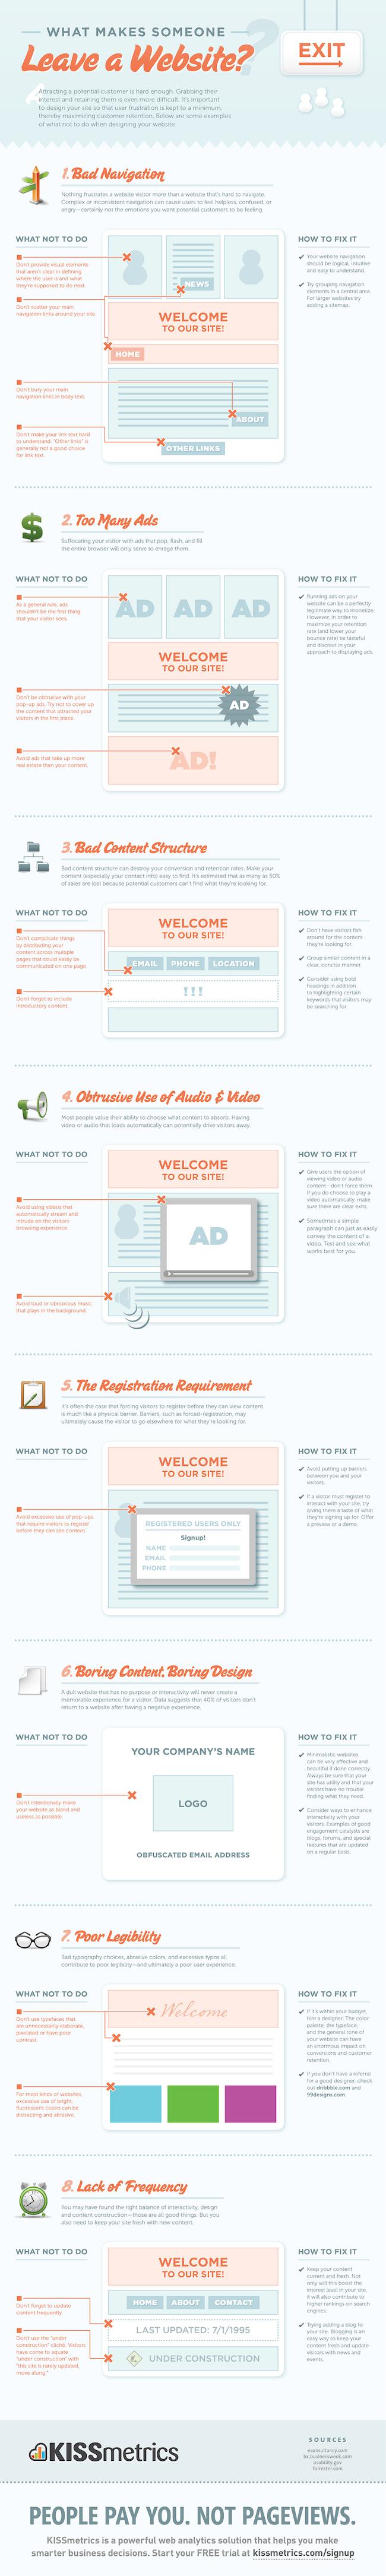 Infographic | Wat zorgt ervoor dat mensen je website verlaten